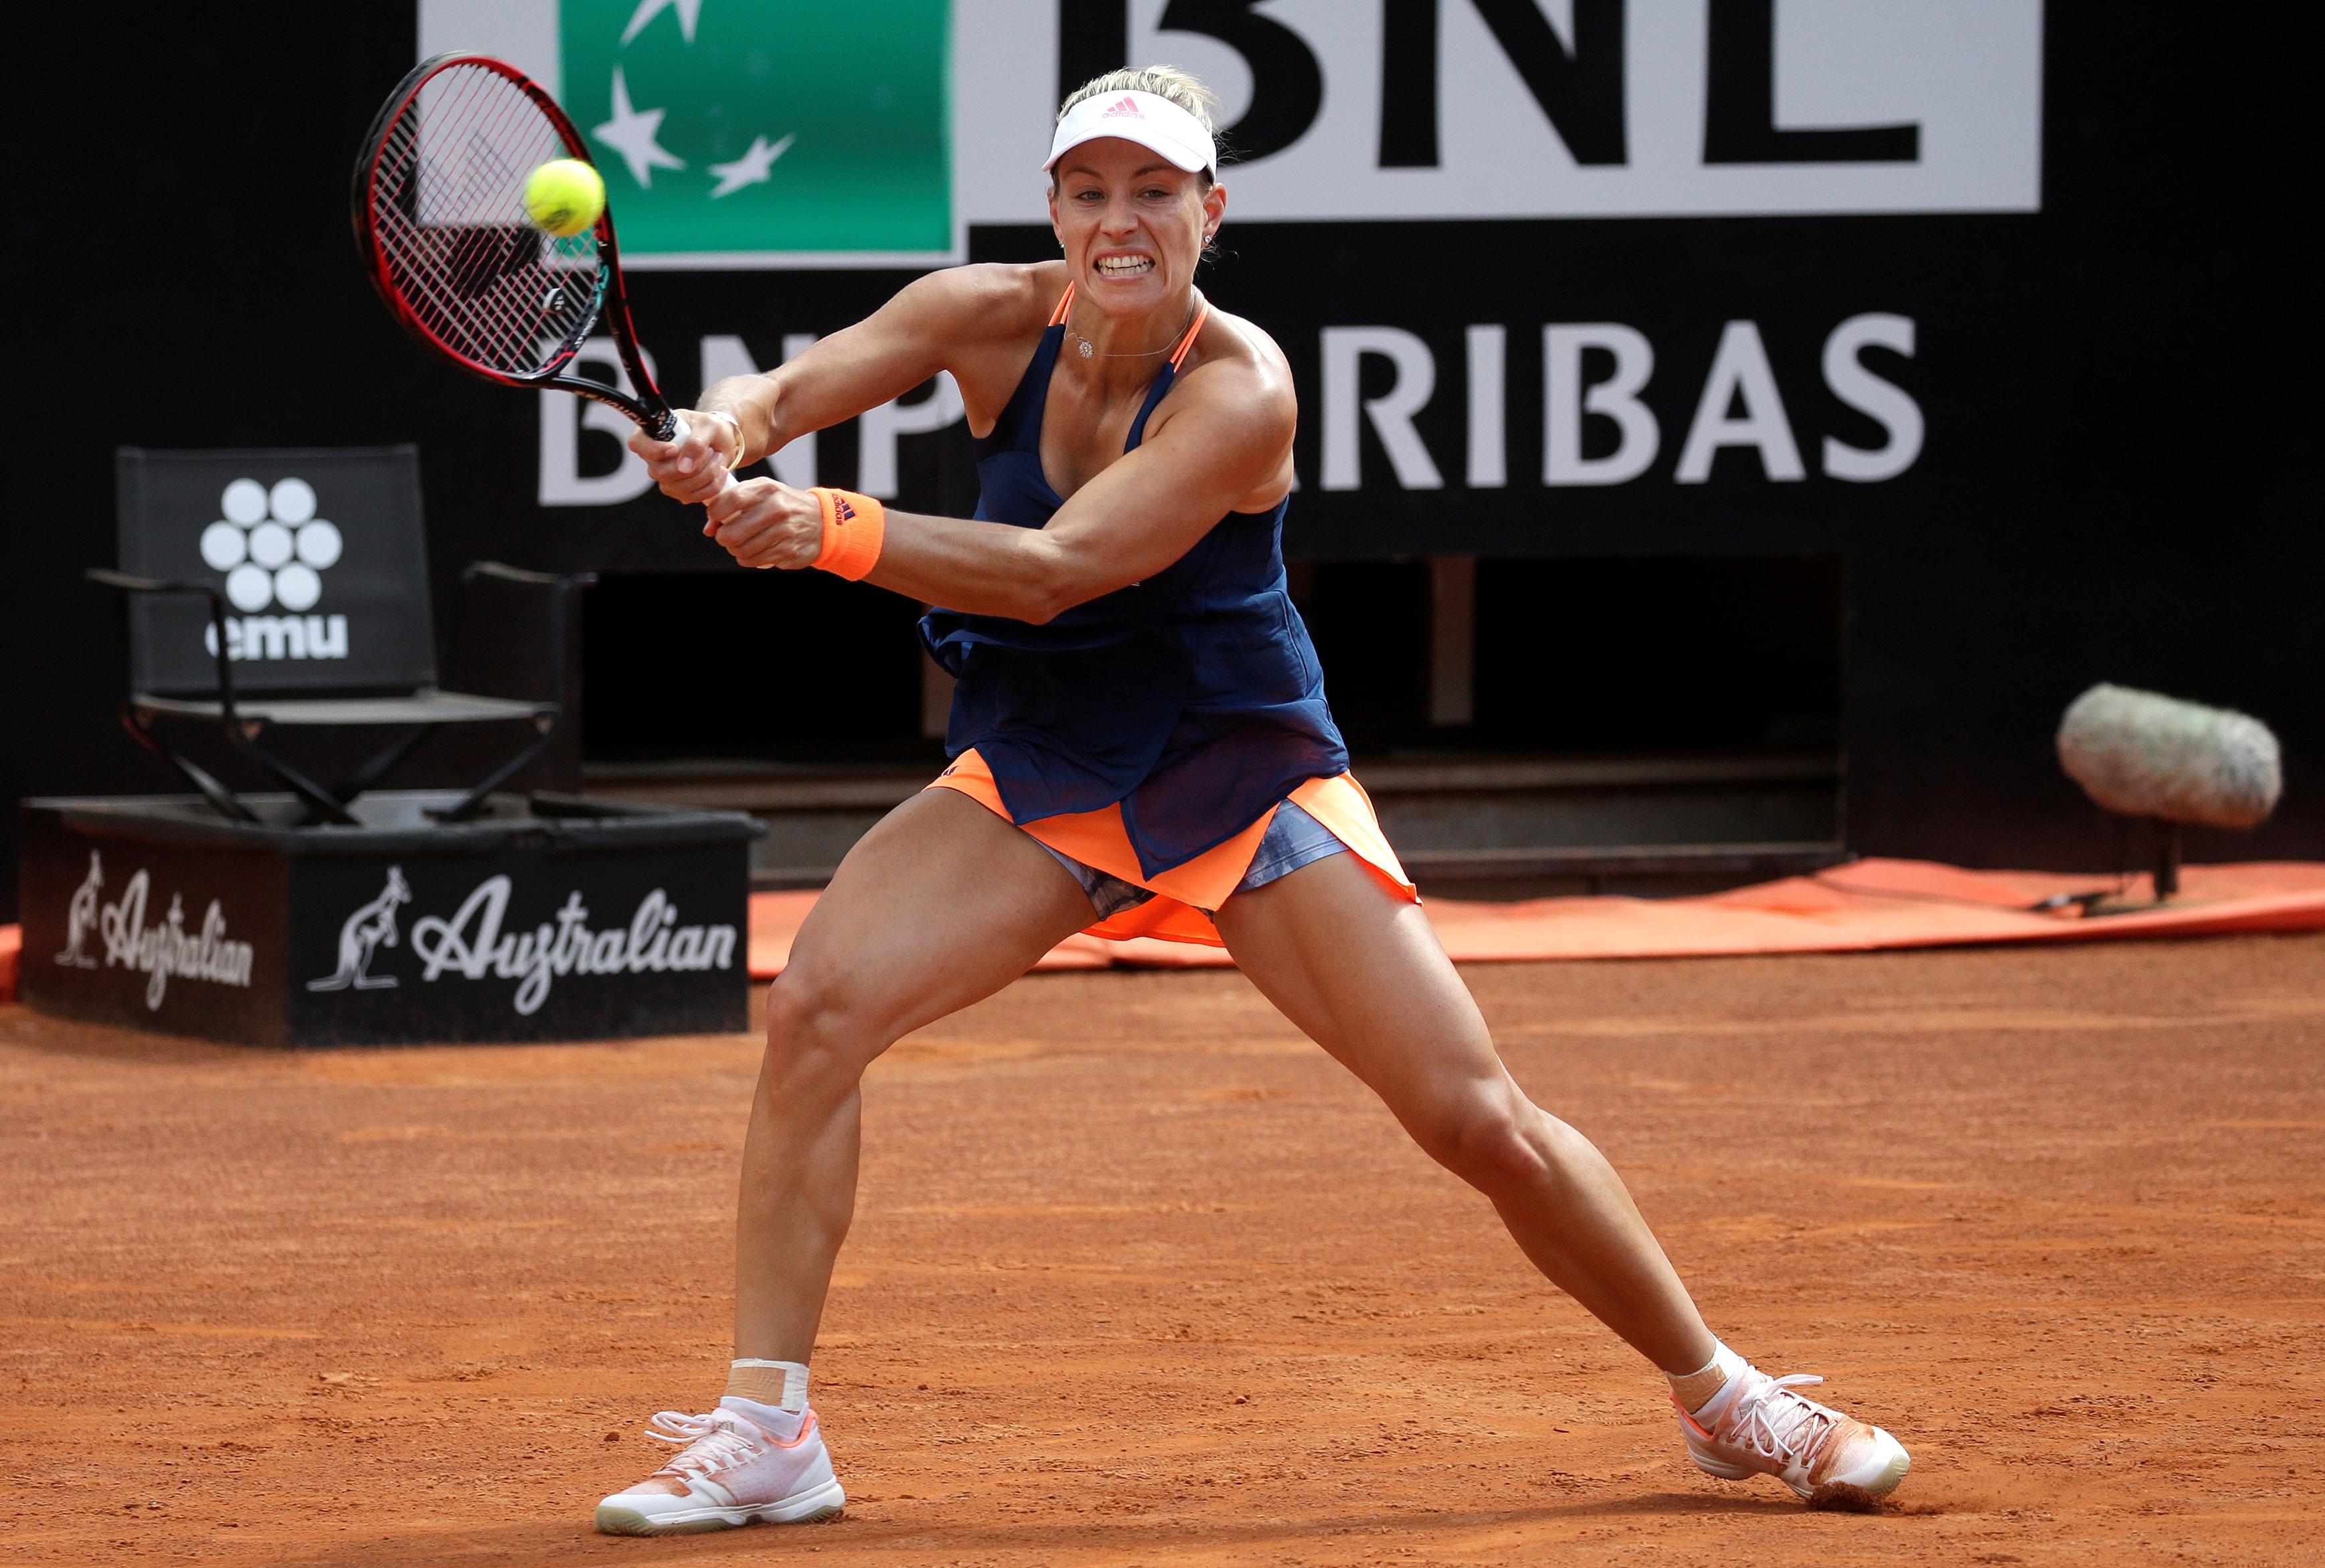 Tennis - Kerber au tapis, Nadal à toute vitesse à Rome